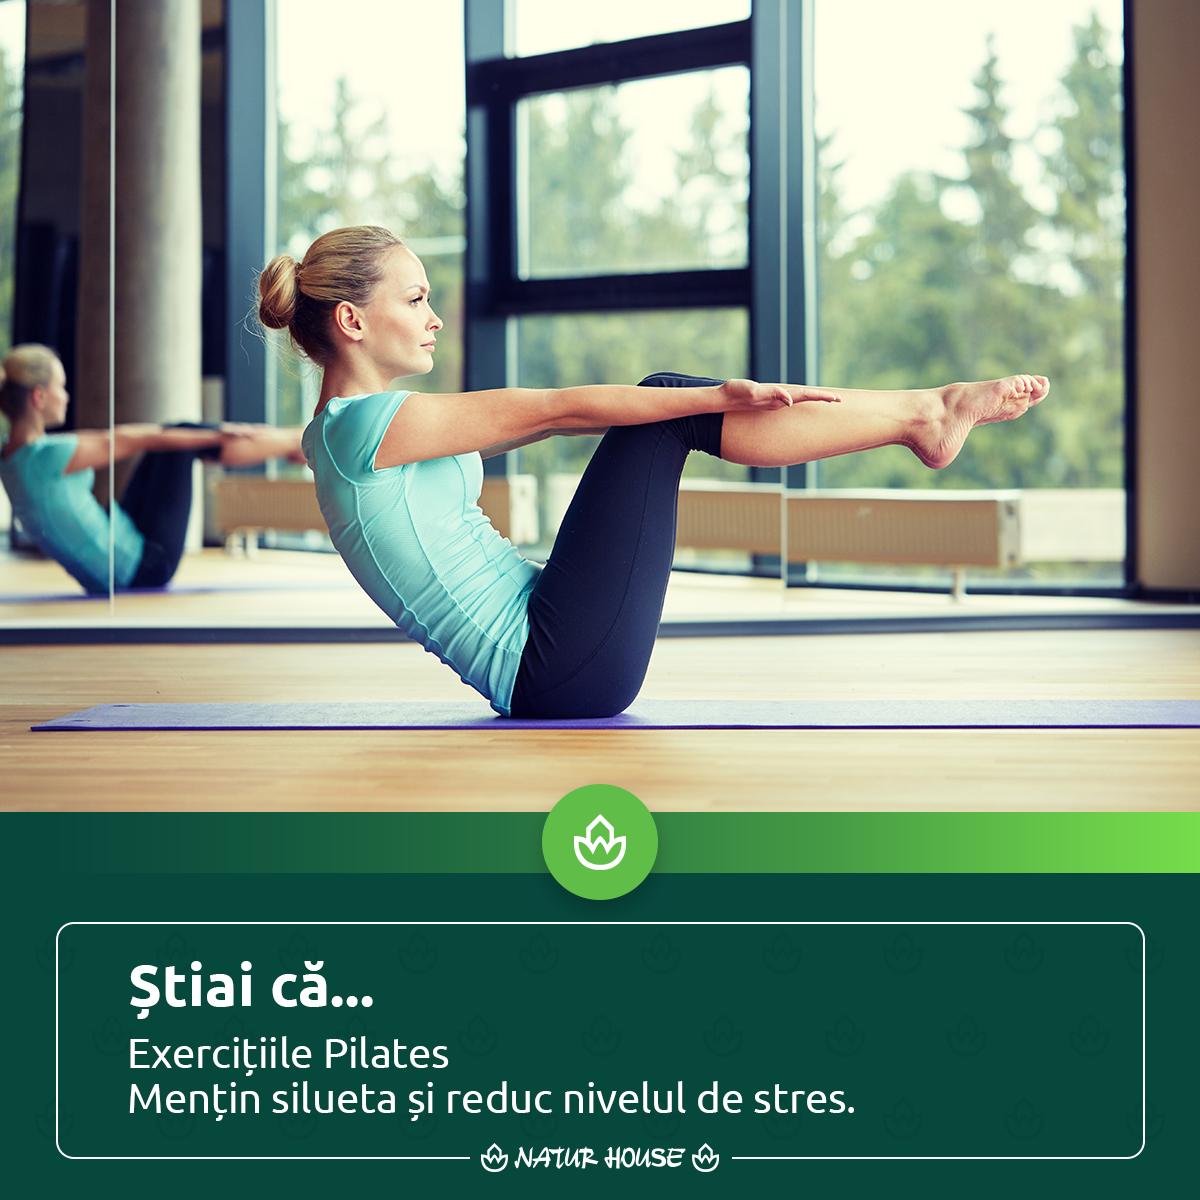 în formă cu Pilates! Exercițiile Pilates au